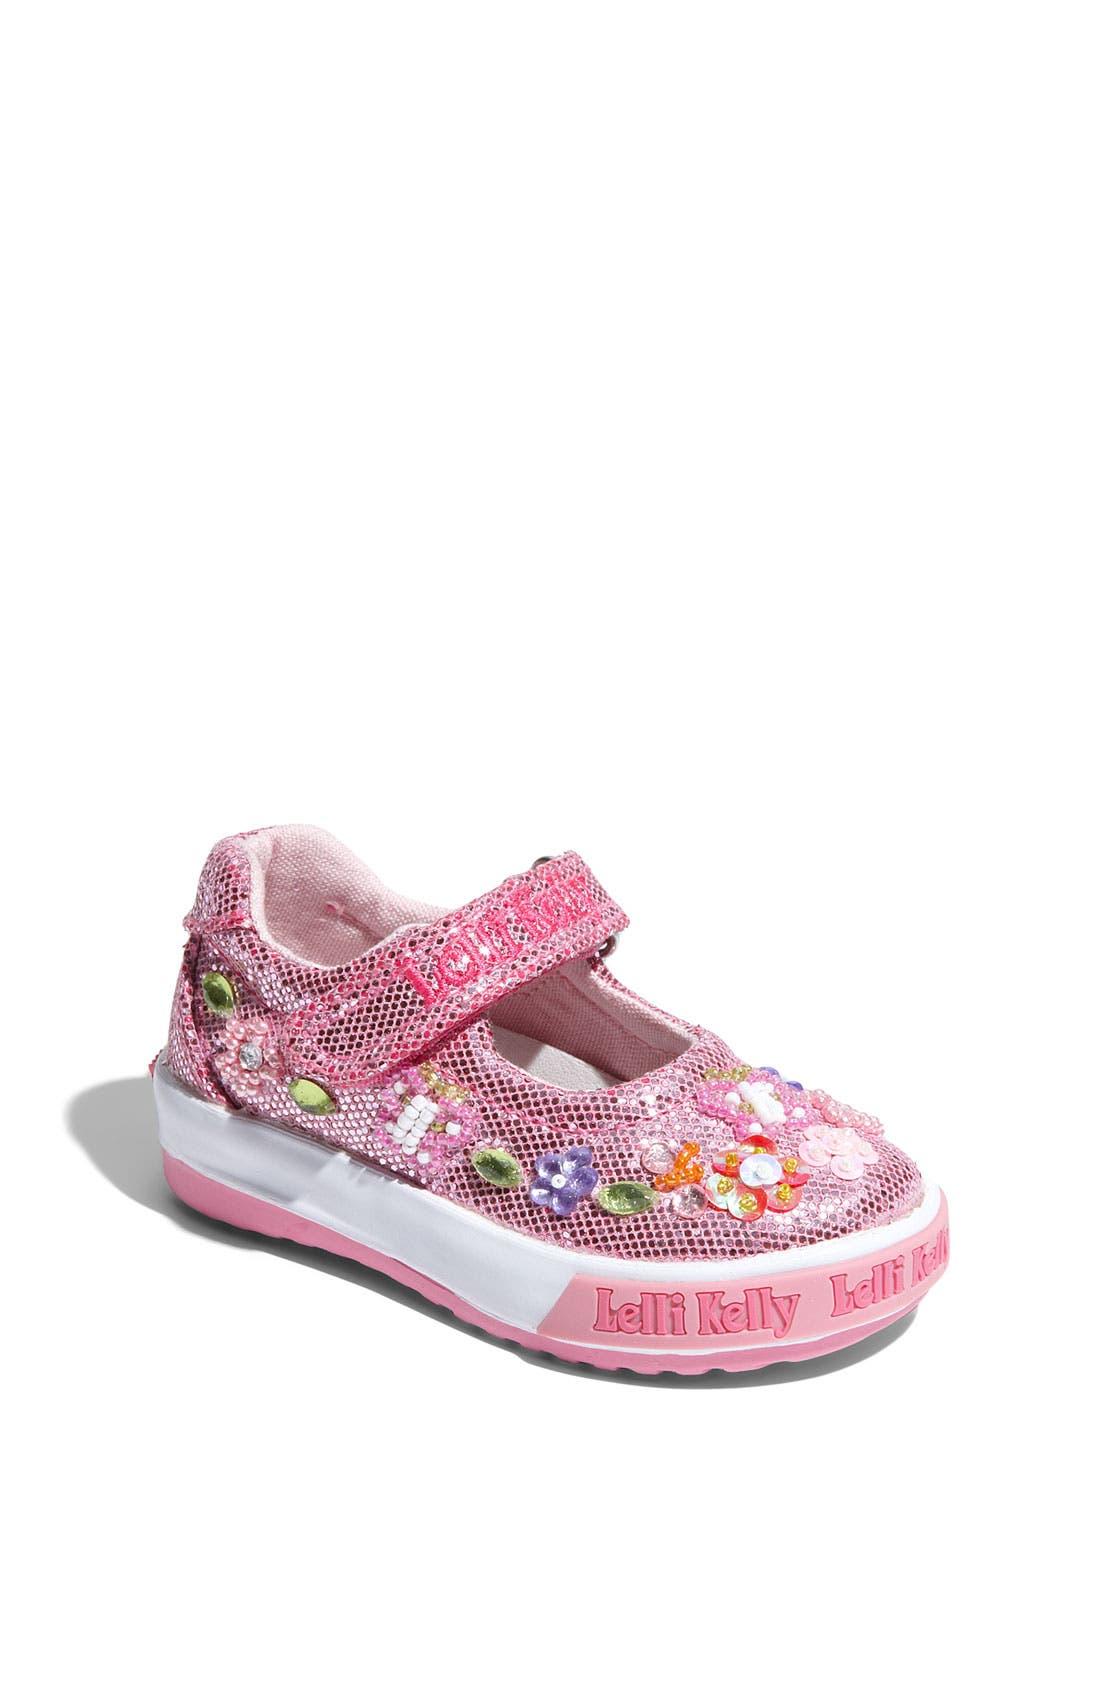 Lelli Kelly 'Glitter Paradise Dolly